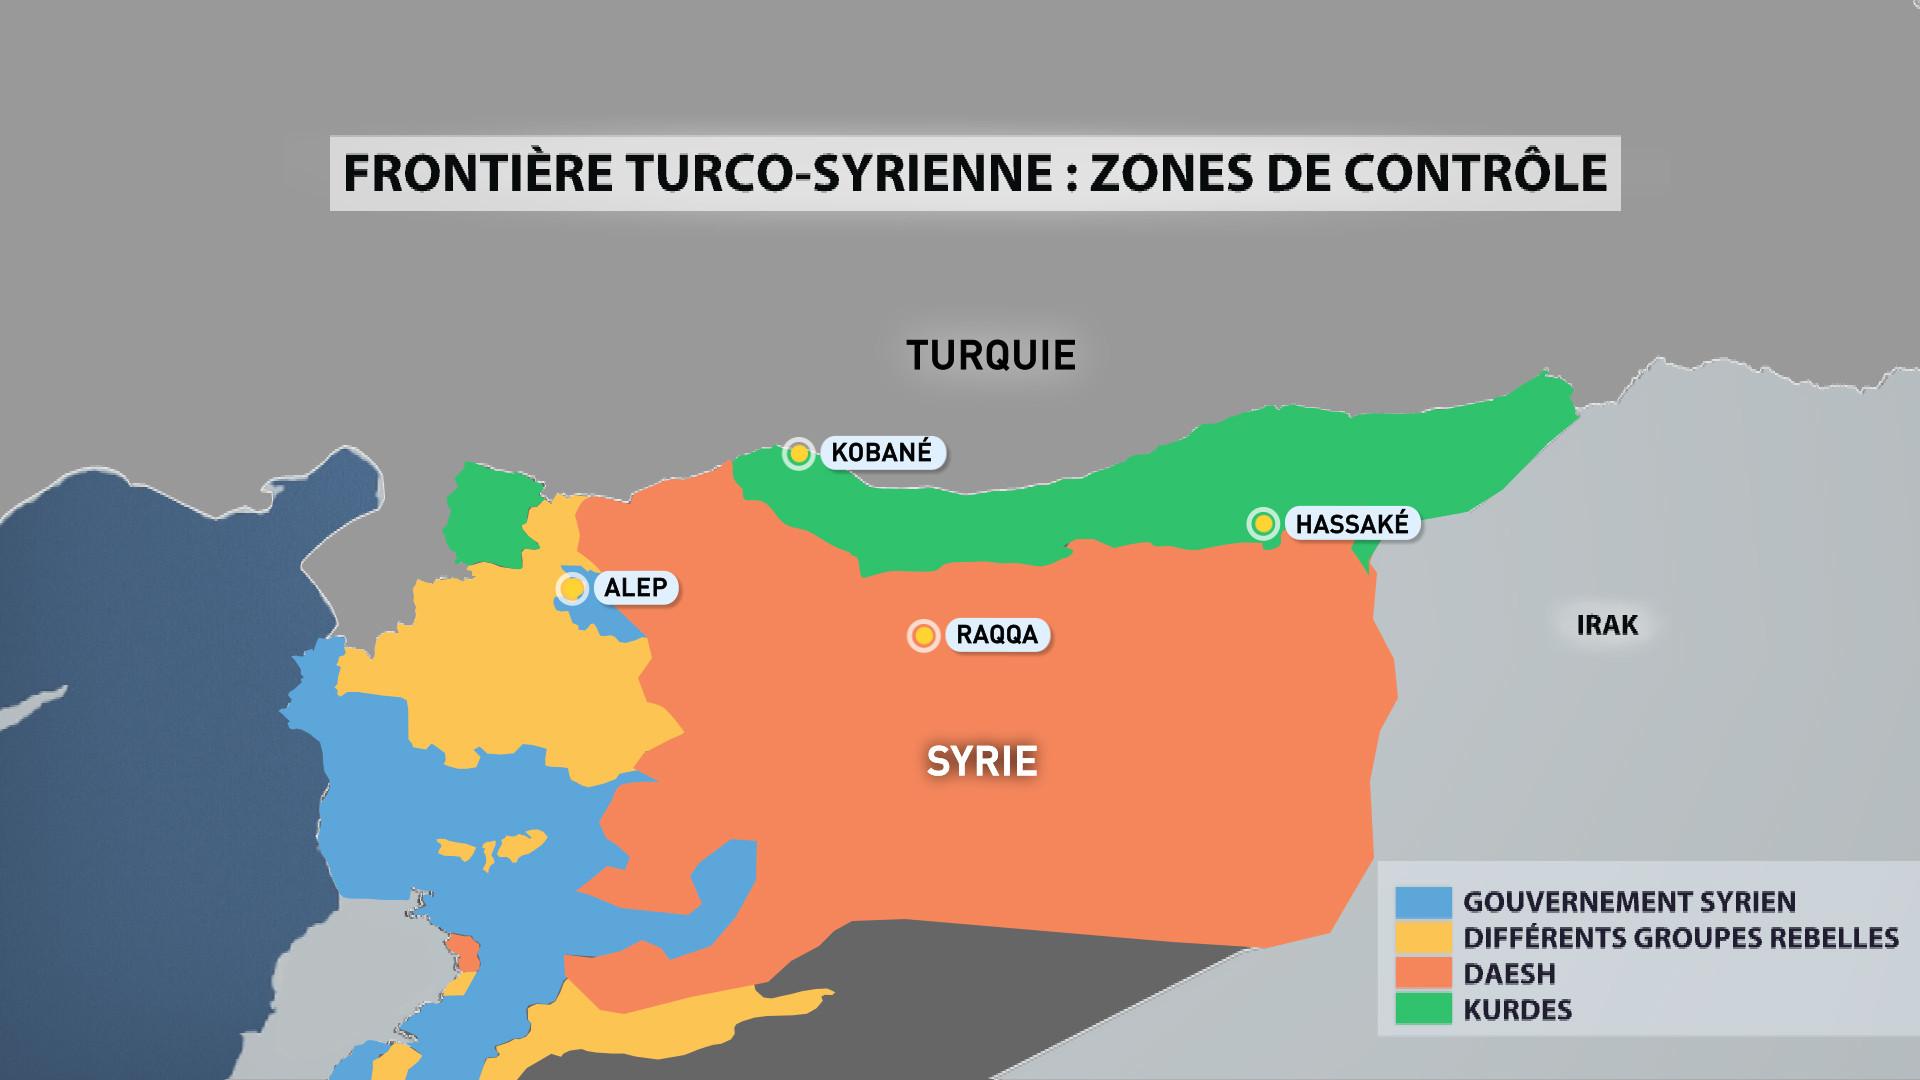 Etat des lieux à la frontière turco-syrienne